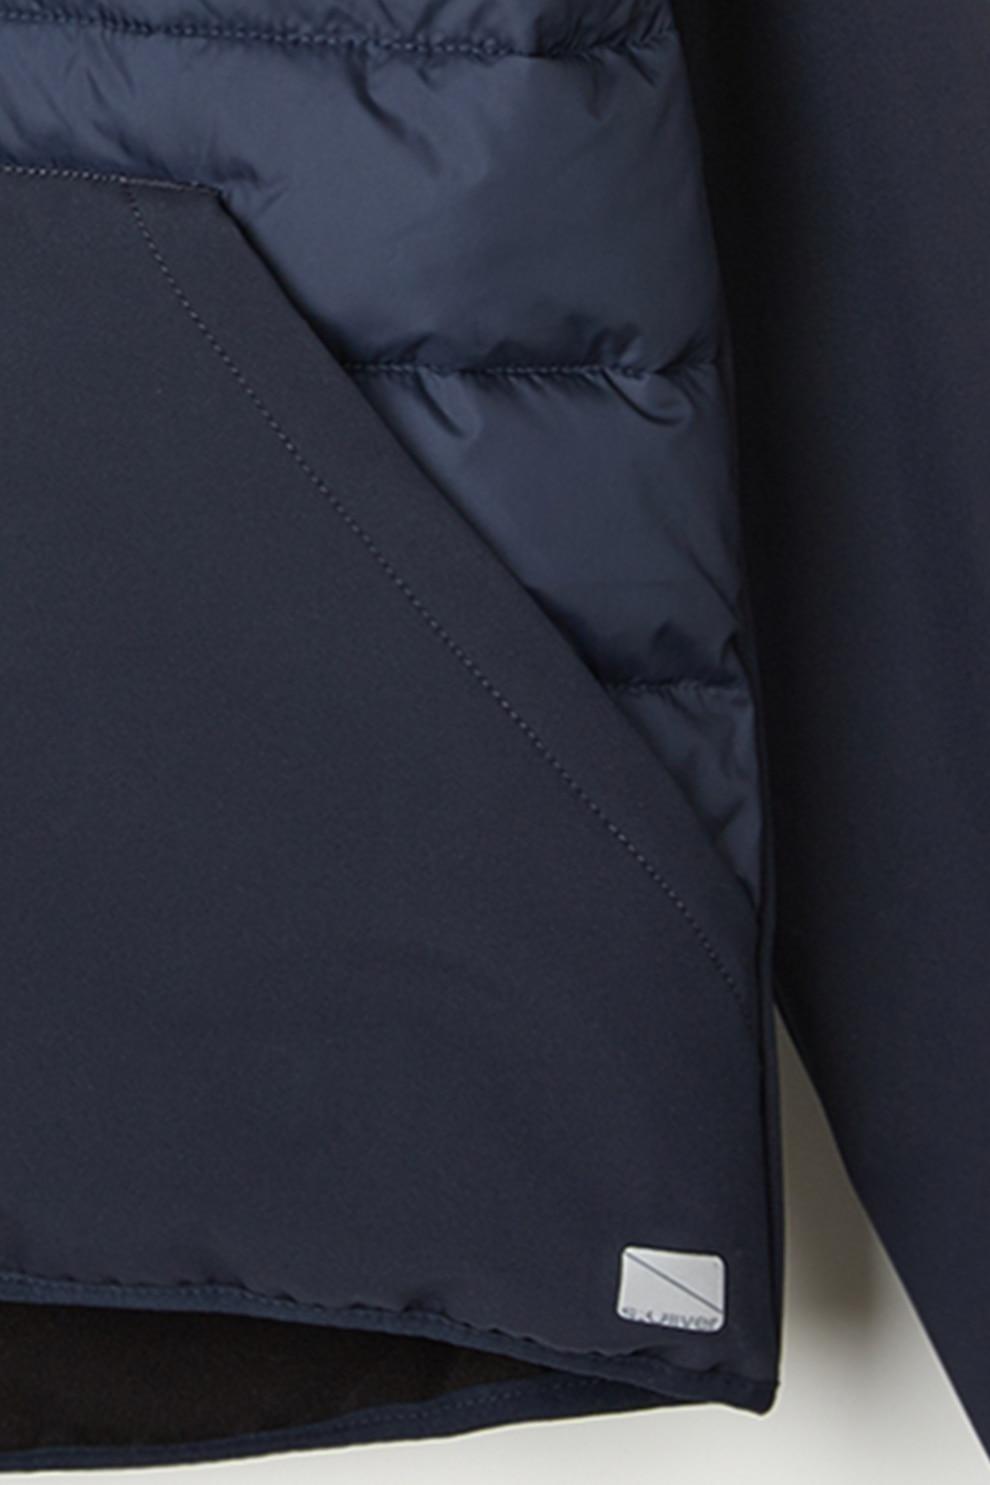 s.Oliver,, Steppelt elejű dzseki kapucnival, Sötétkék, 146